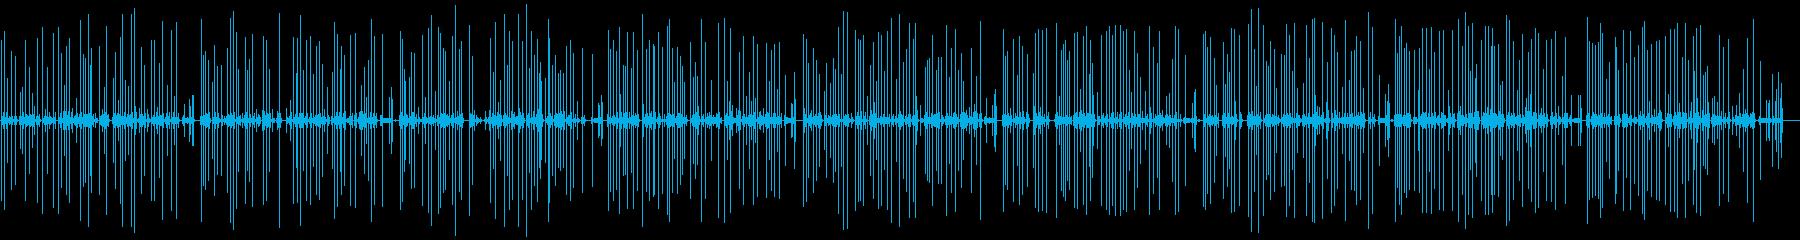 大型アンティークアンダーウッドタイ...の再生済みの波形